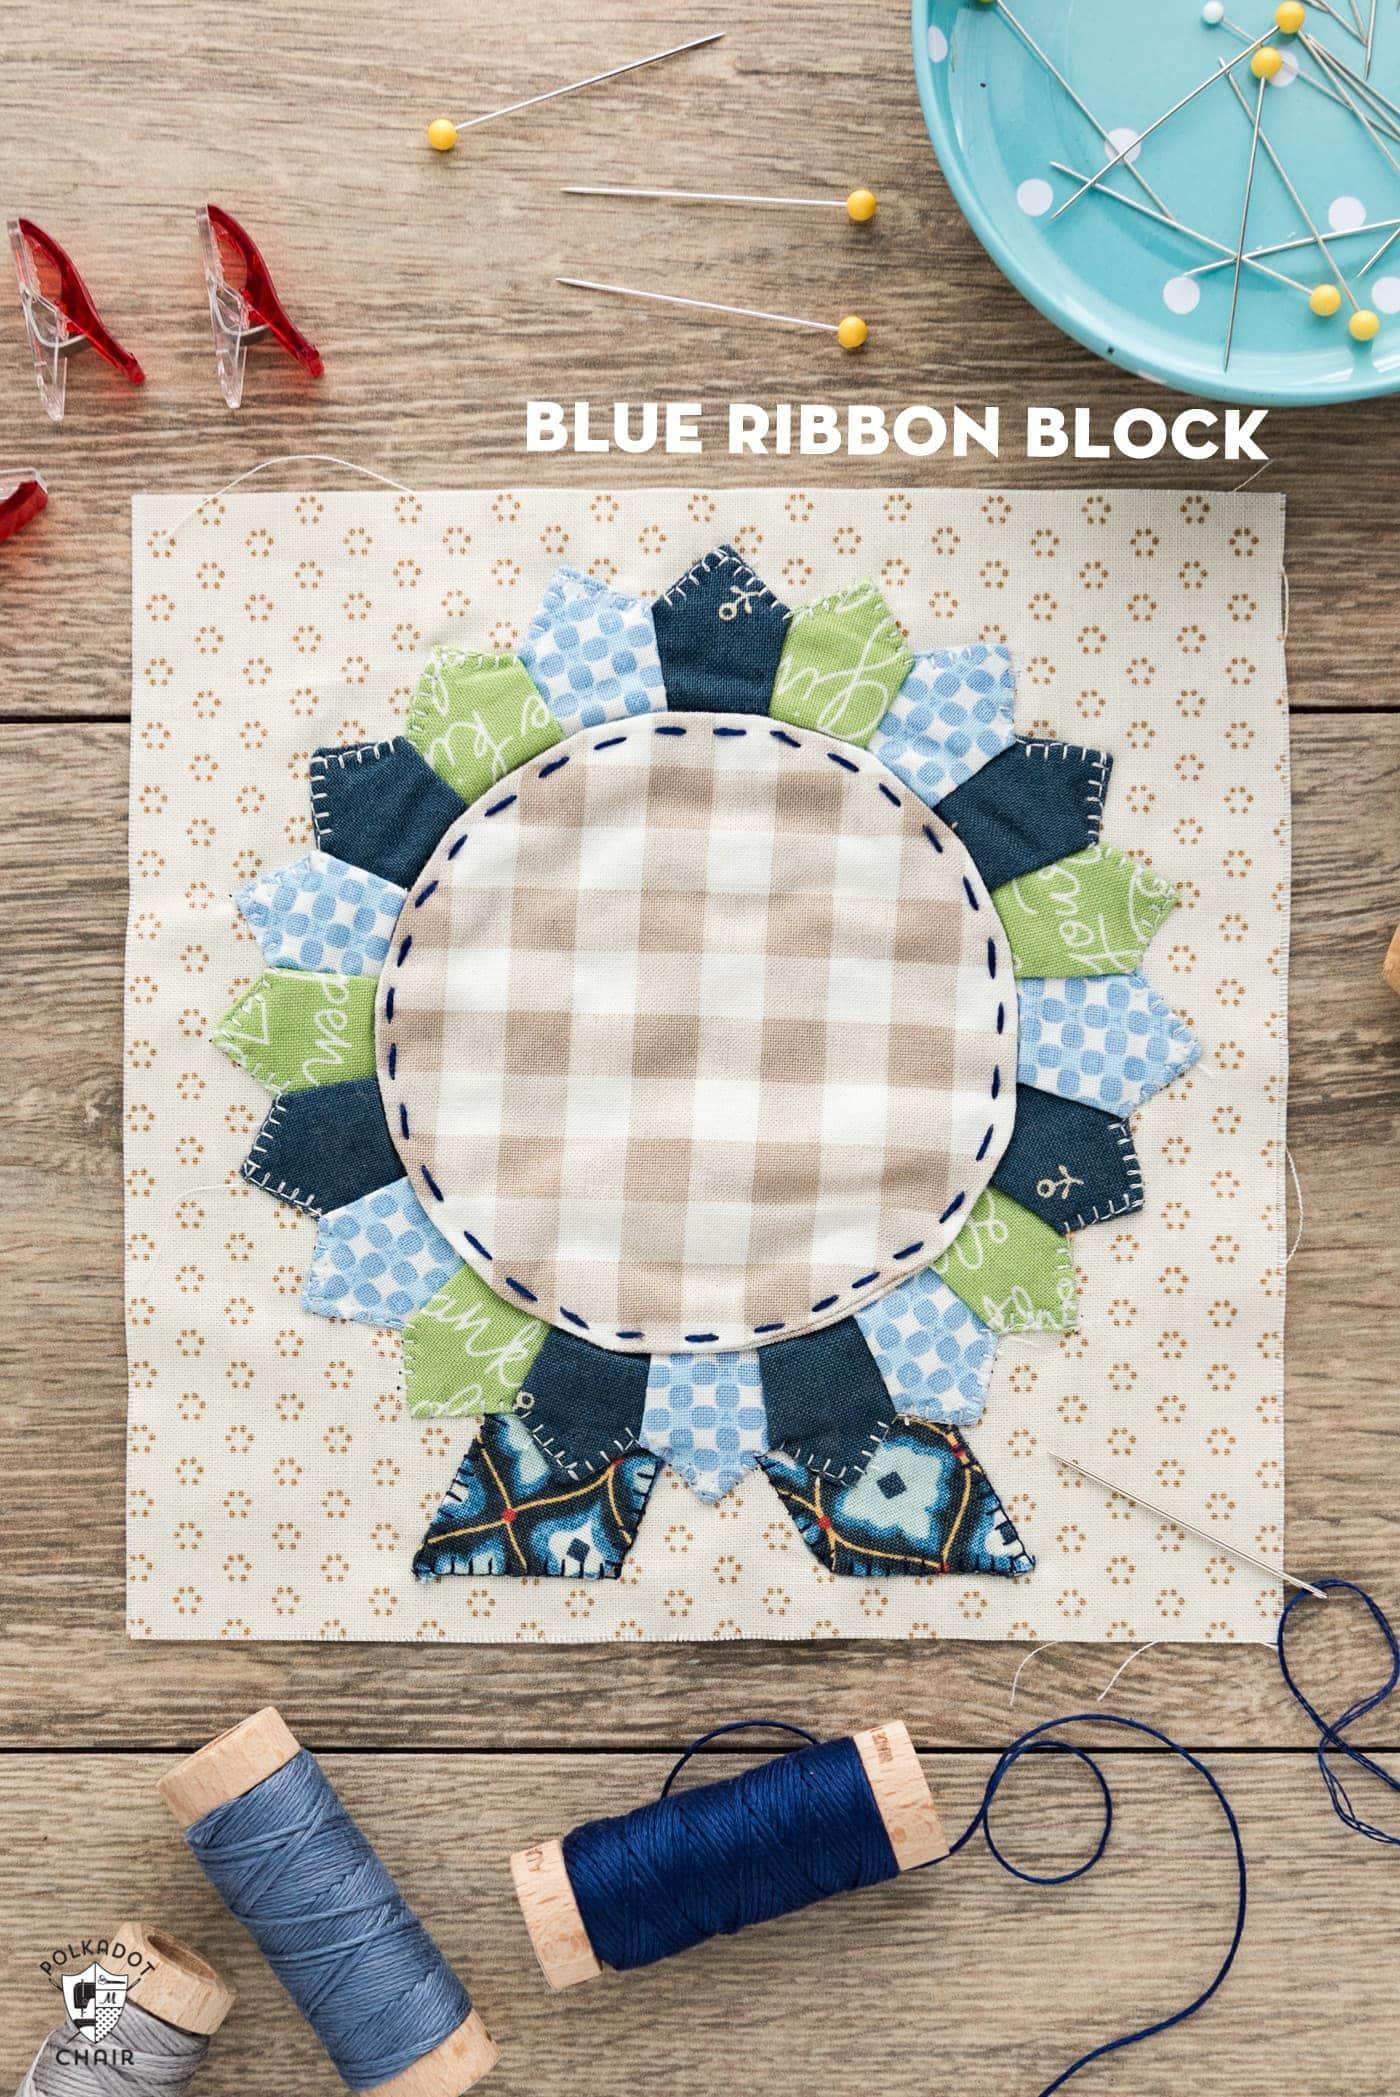 Splendid Sampler Blue Ribbon Quilt Block